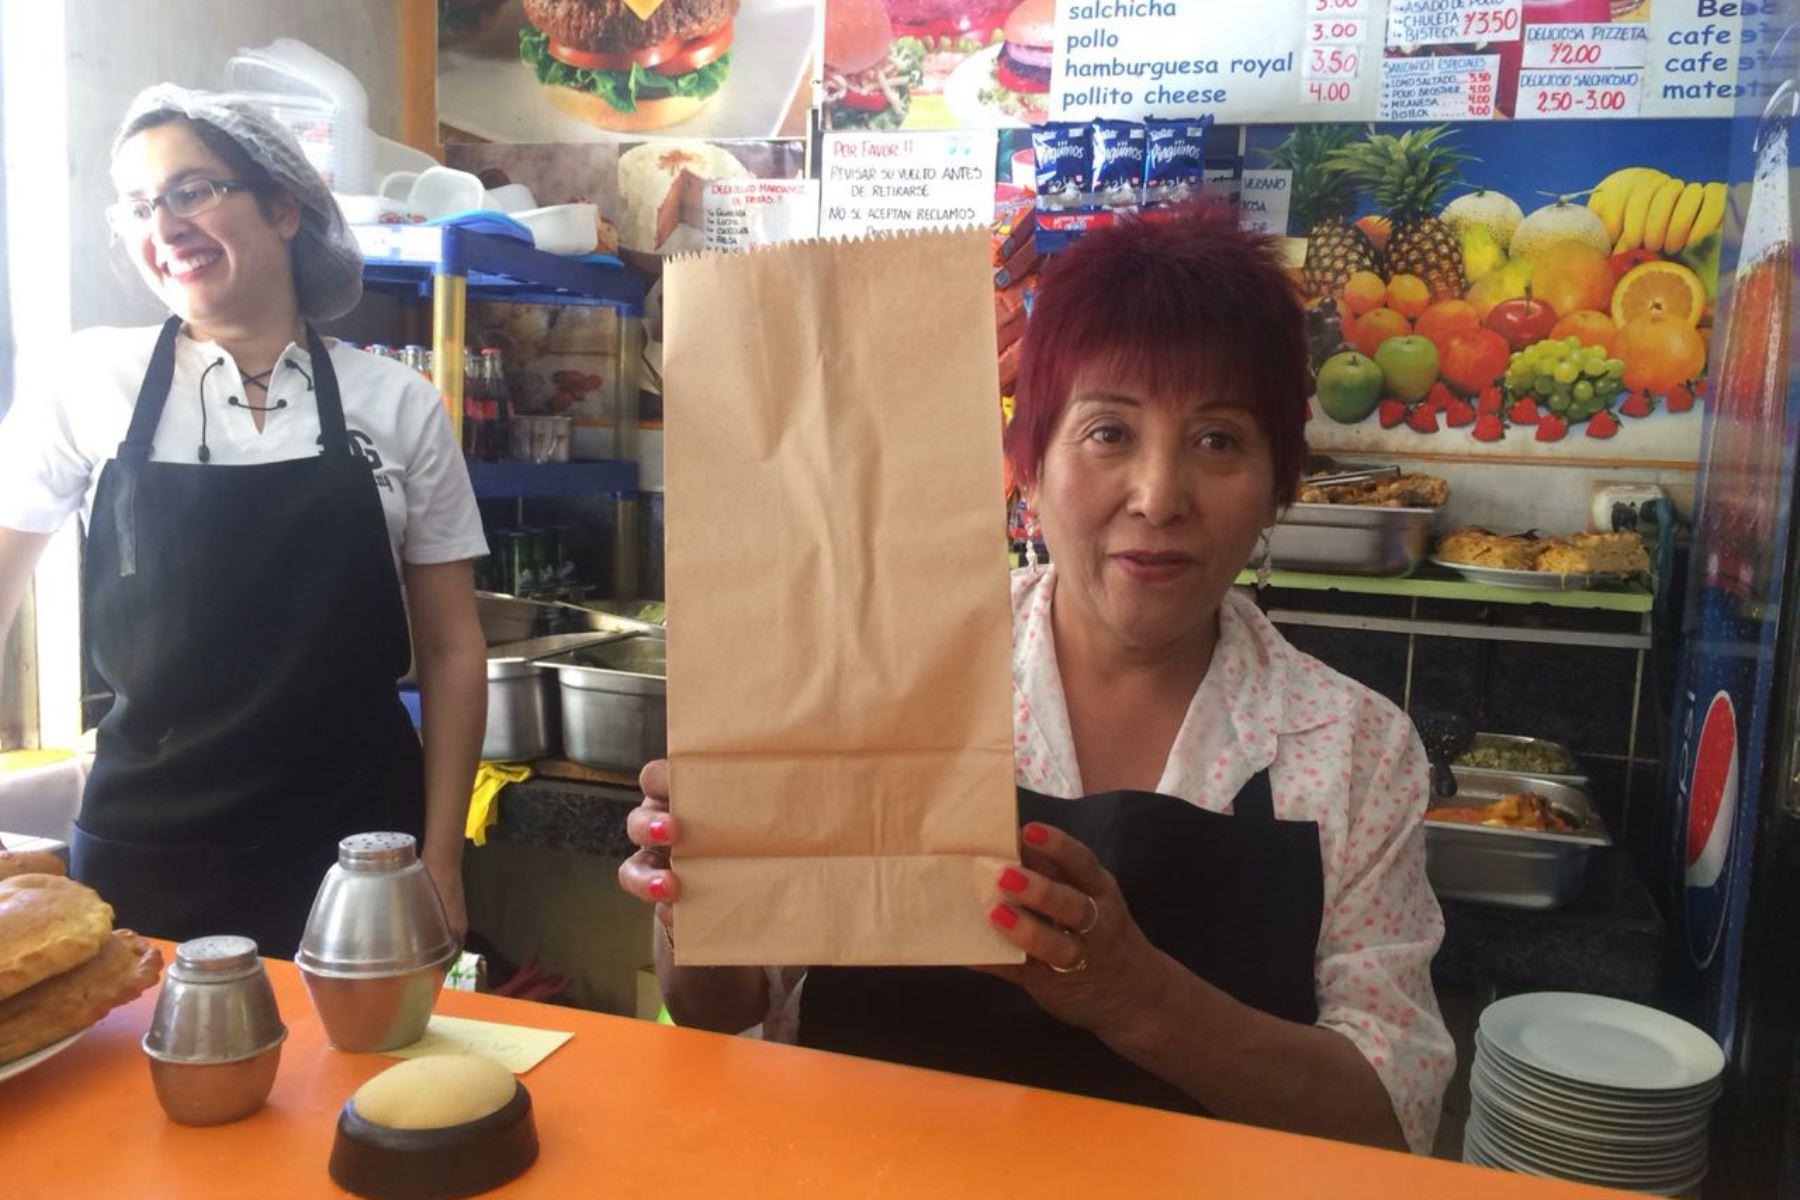 Con bolsas de papel y vasos de vidrio reemplazan a los envases de plástico y tecnopor prohibidos en la UNSA de Arequipa. Foto: ANDINA.